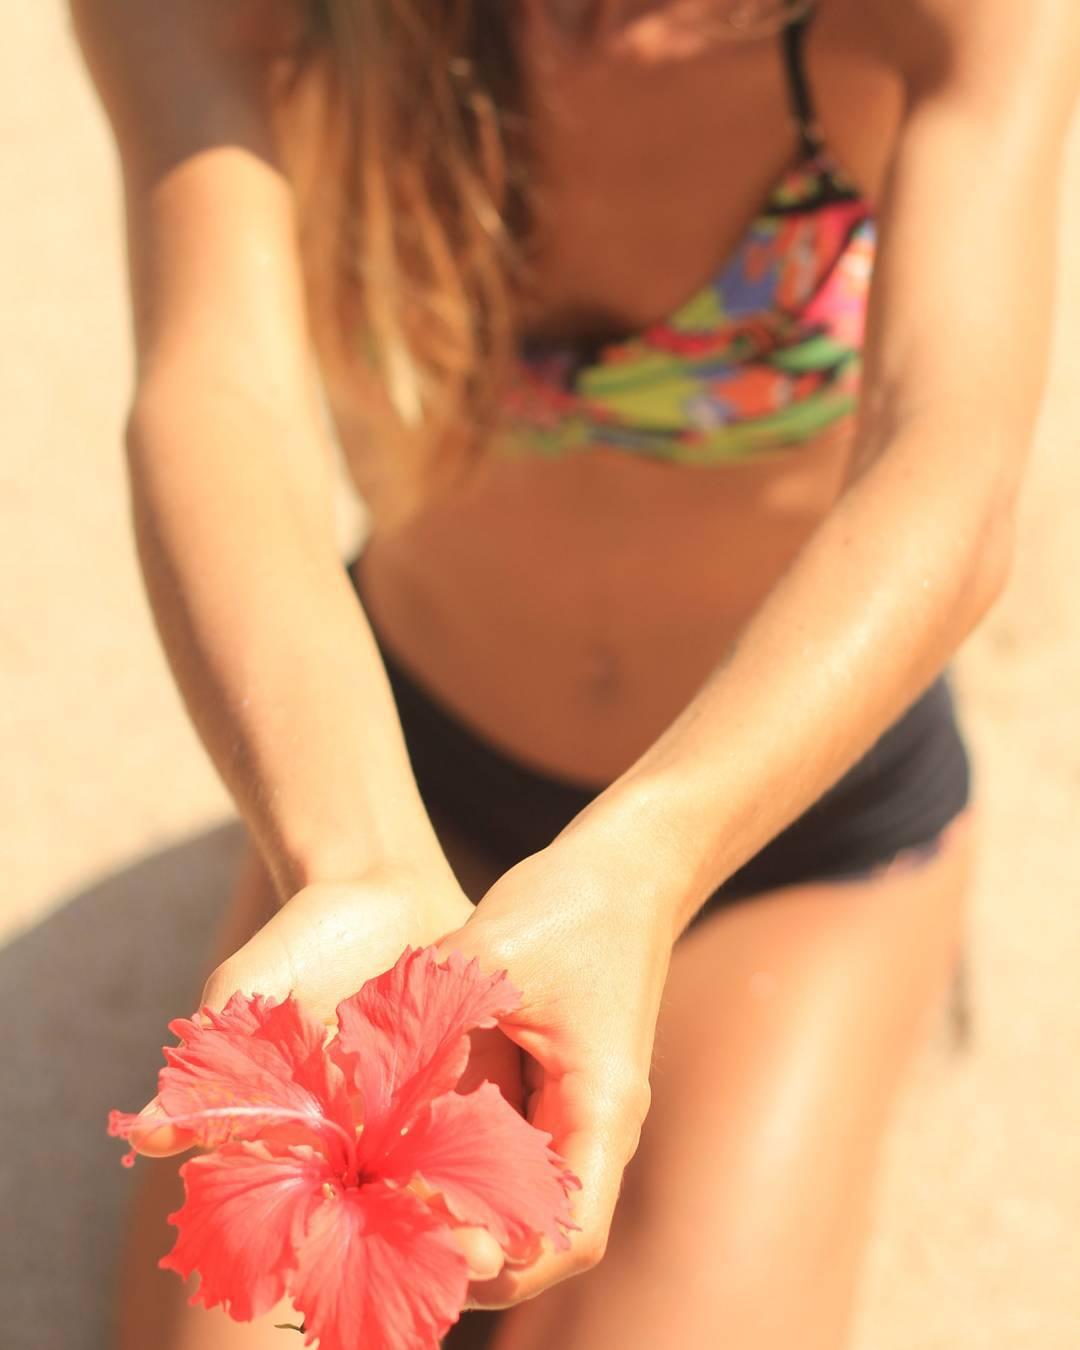 Nature inspires#katwai #swimwear #summer #flowers